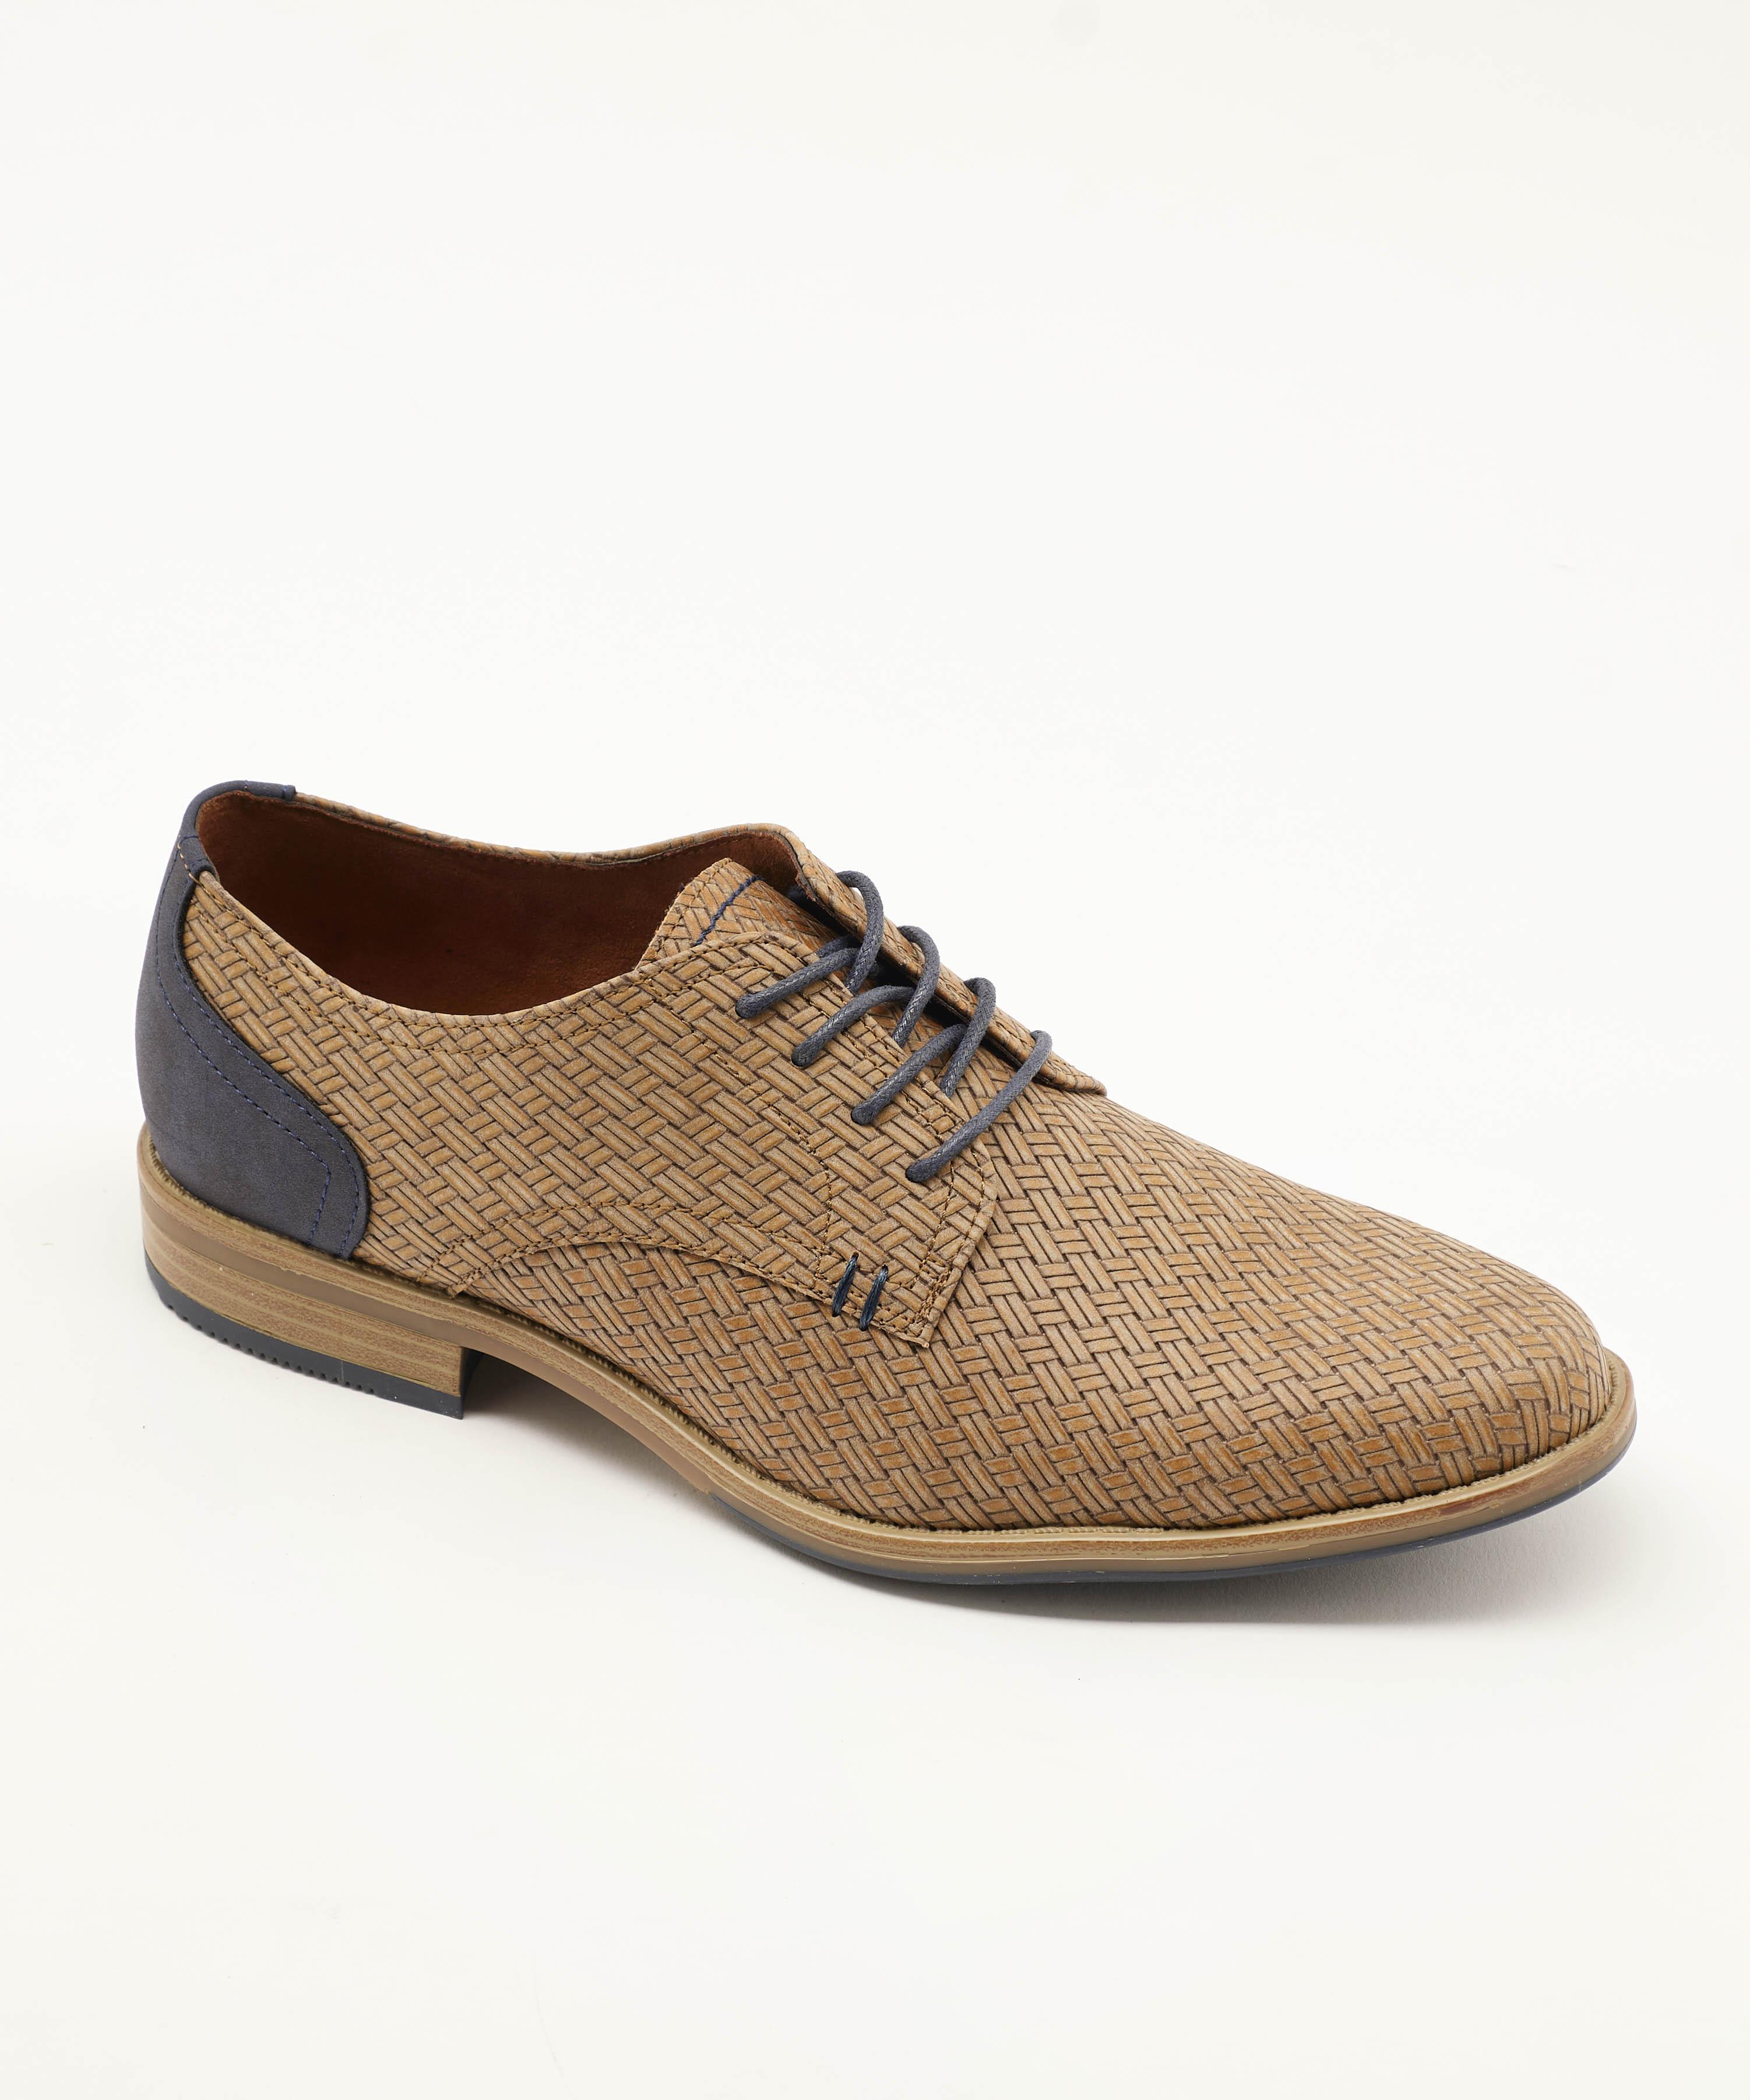 Chaussures De Ville Homme - Ville Taupe Jina - 459622